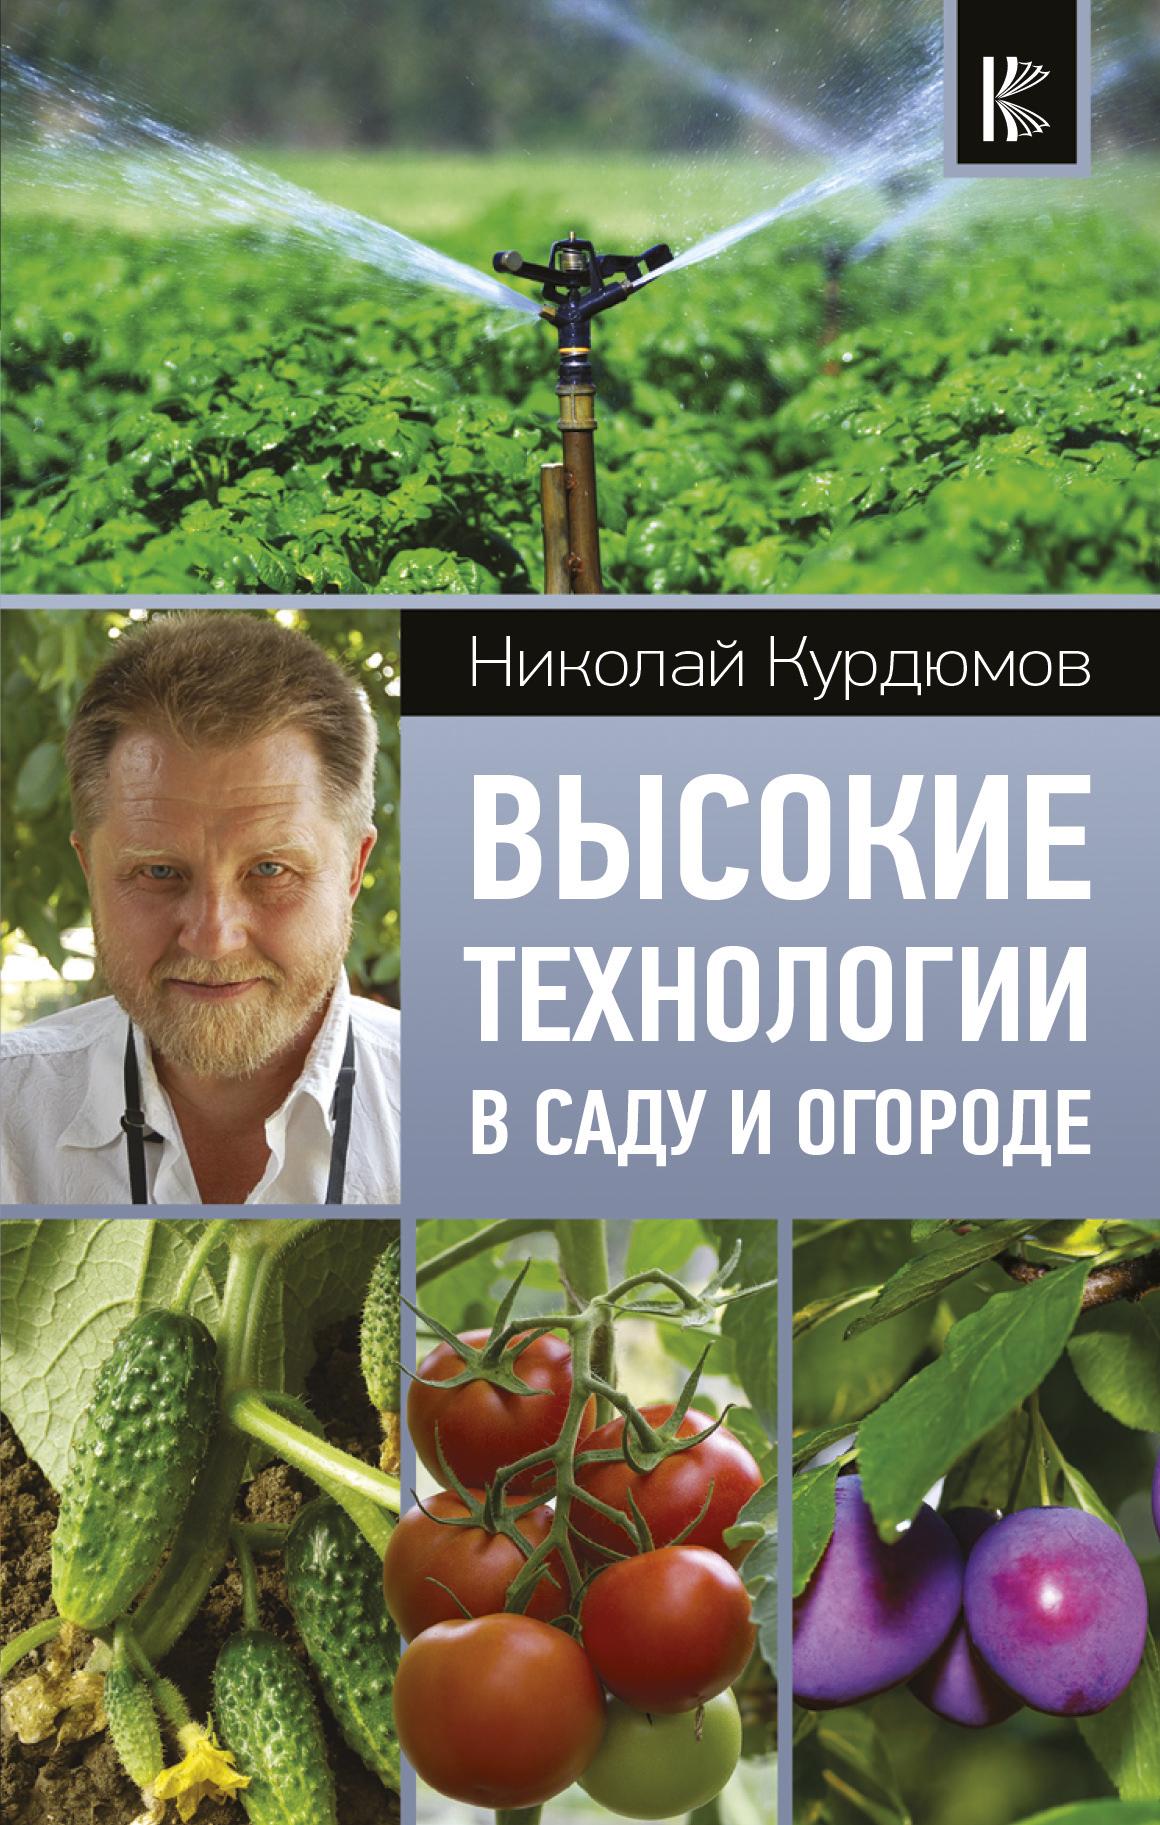 Высокие технологии в саду и огороде